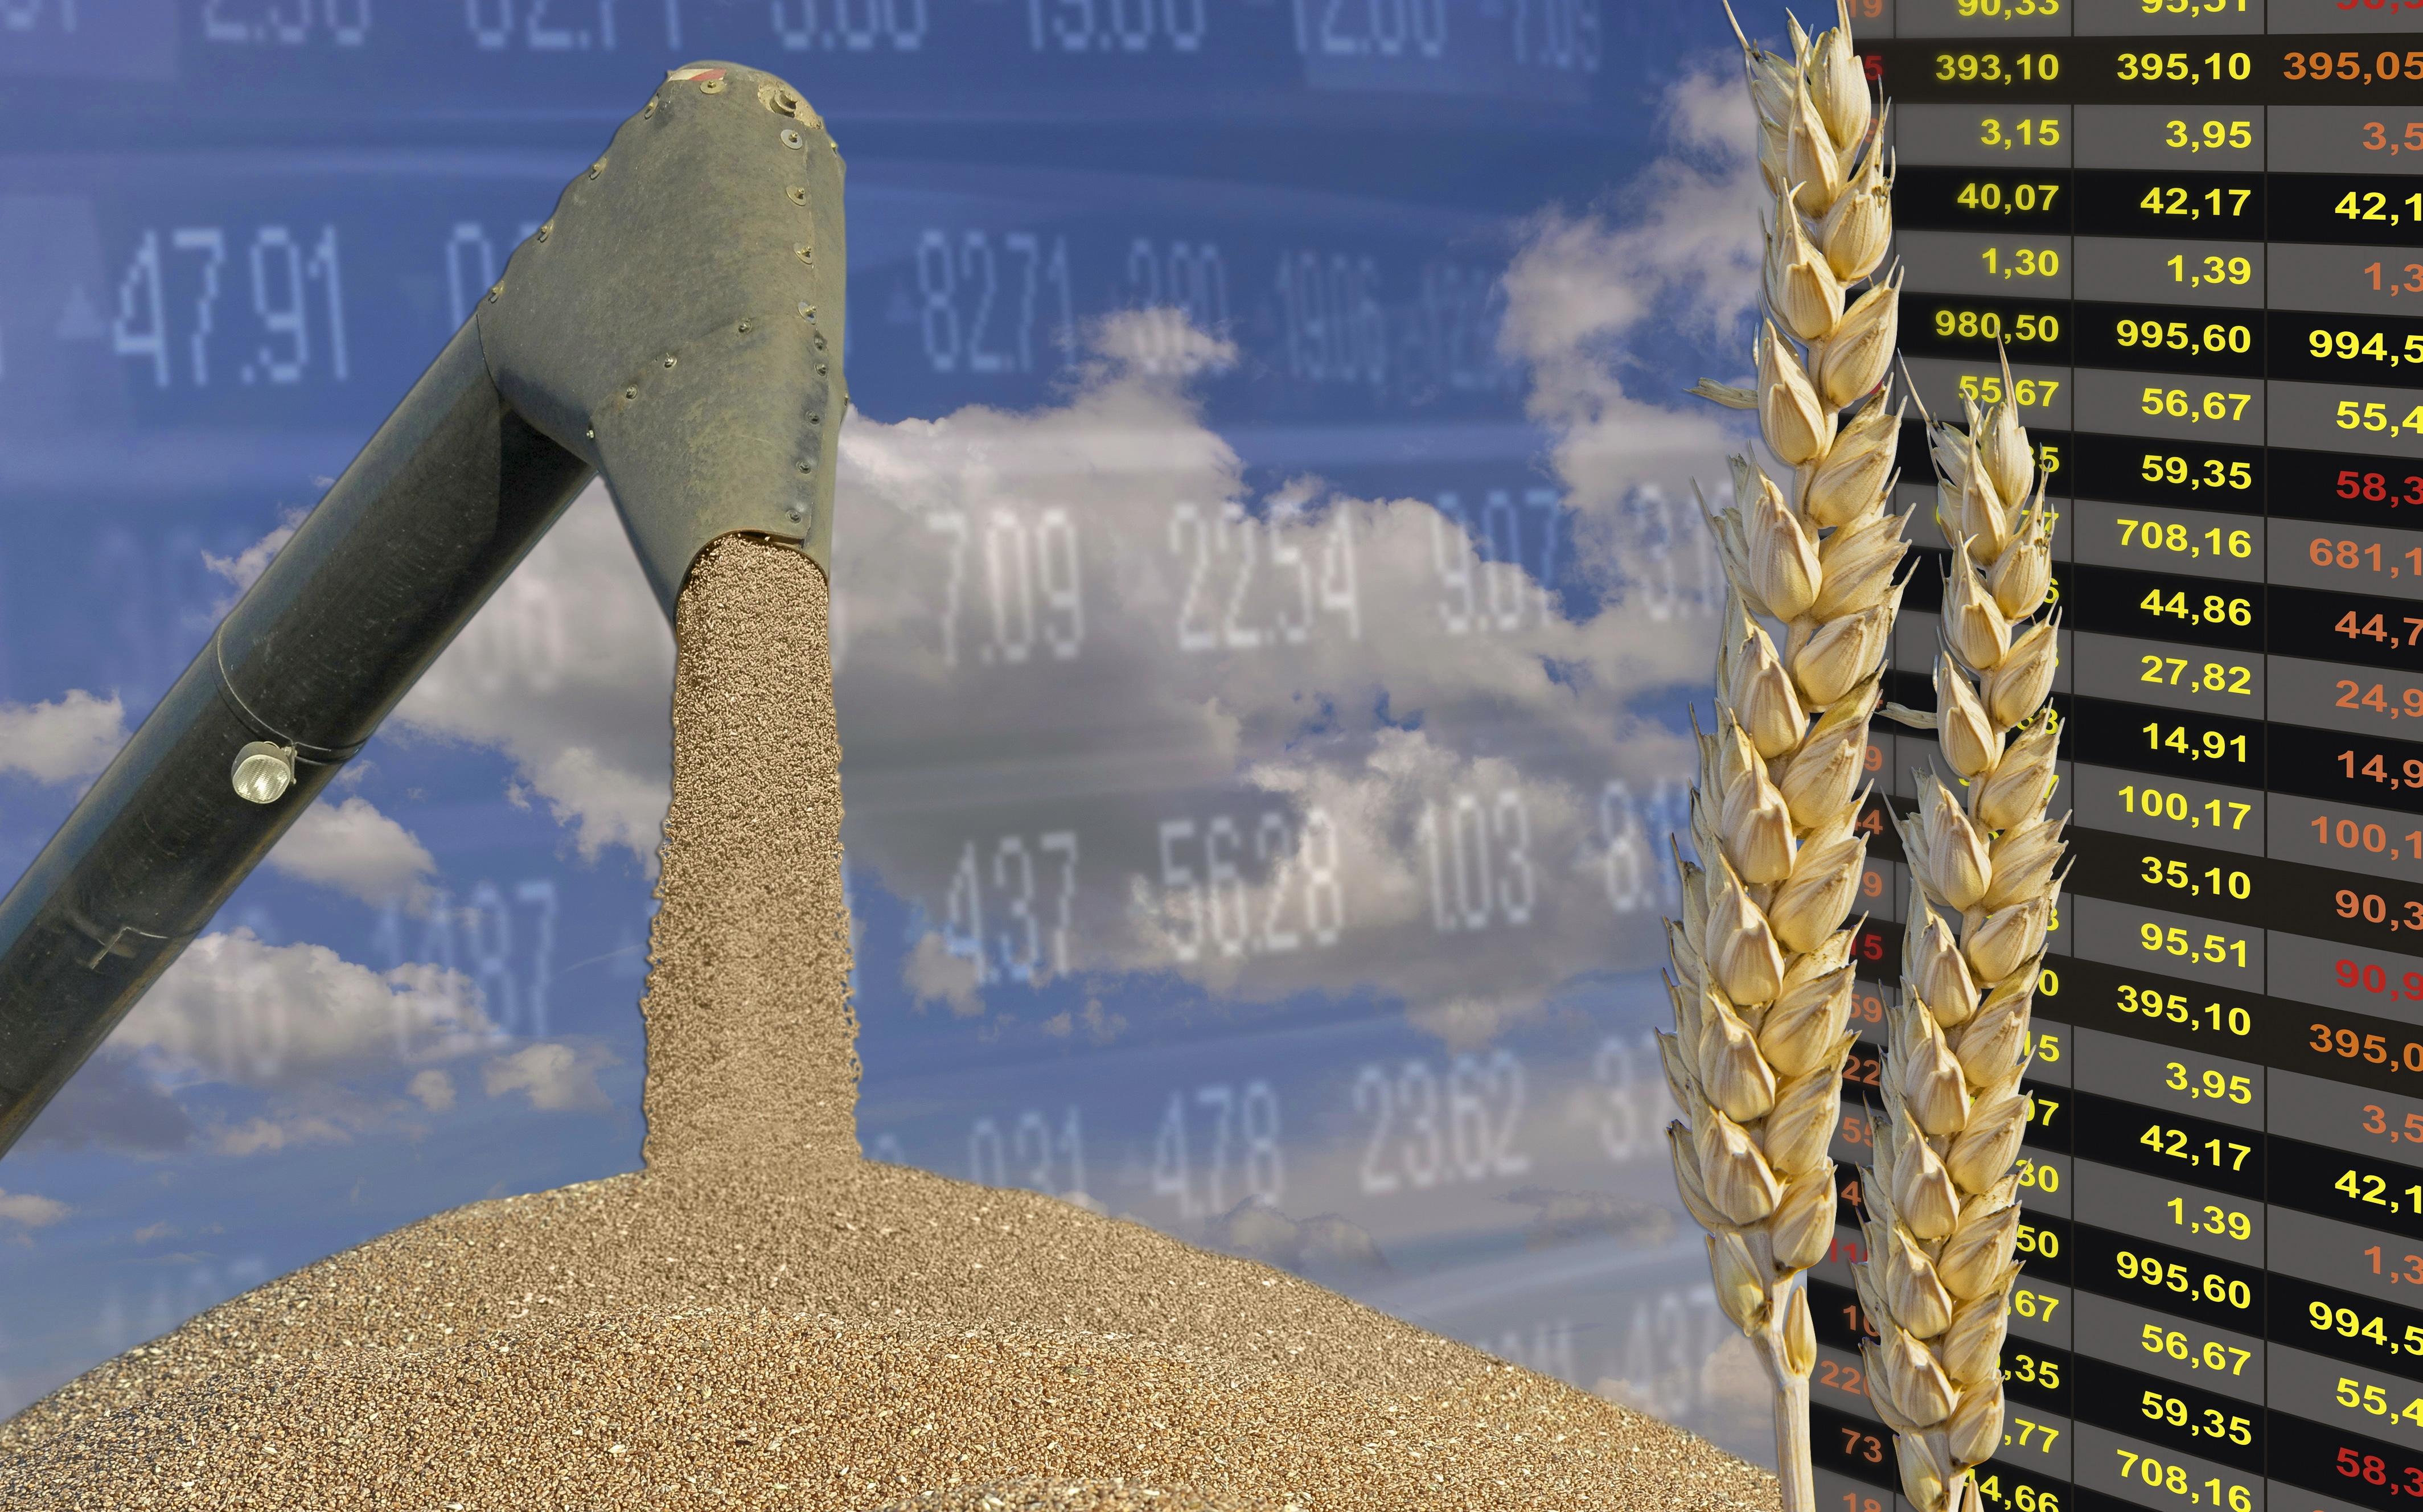 Börse weizen Getreidepreise